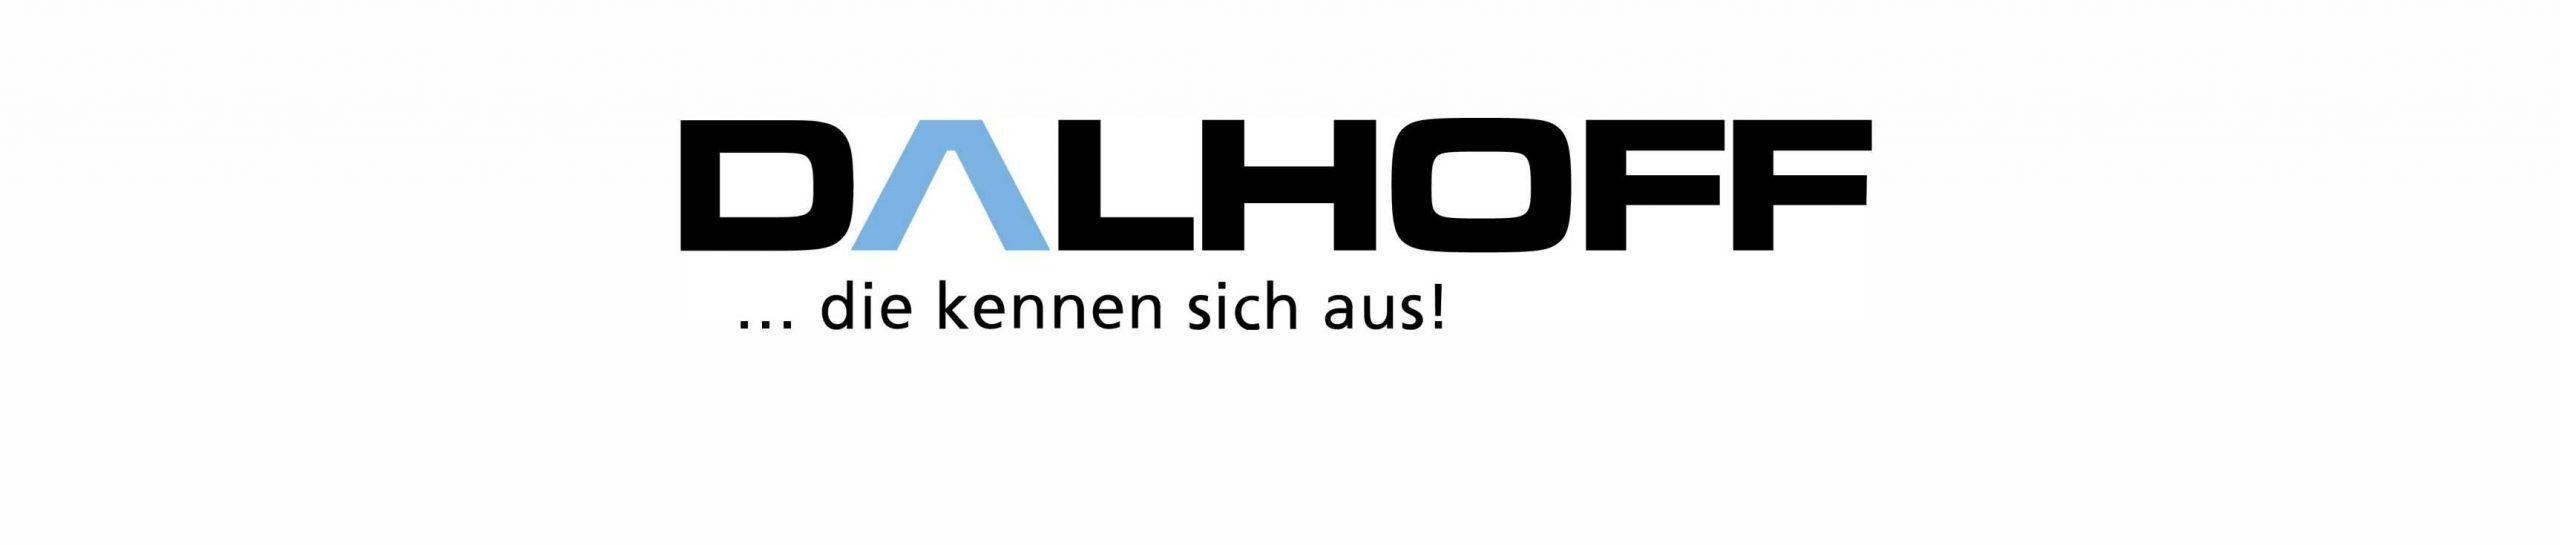 Dalhoff GmbH & Co. KG Fürstenwalde